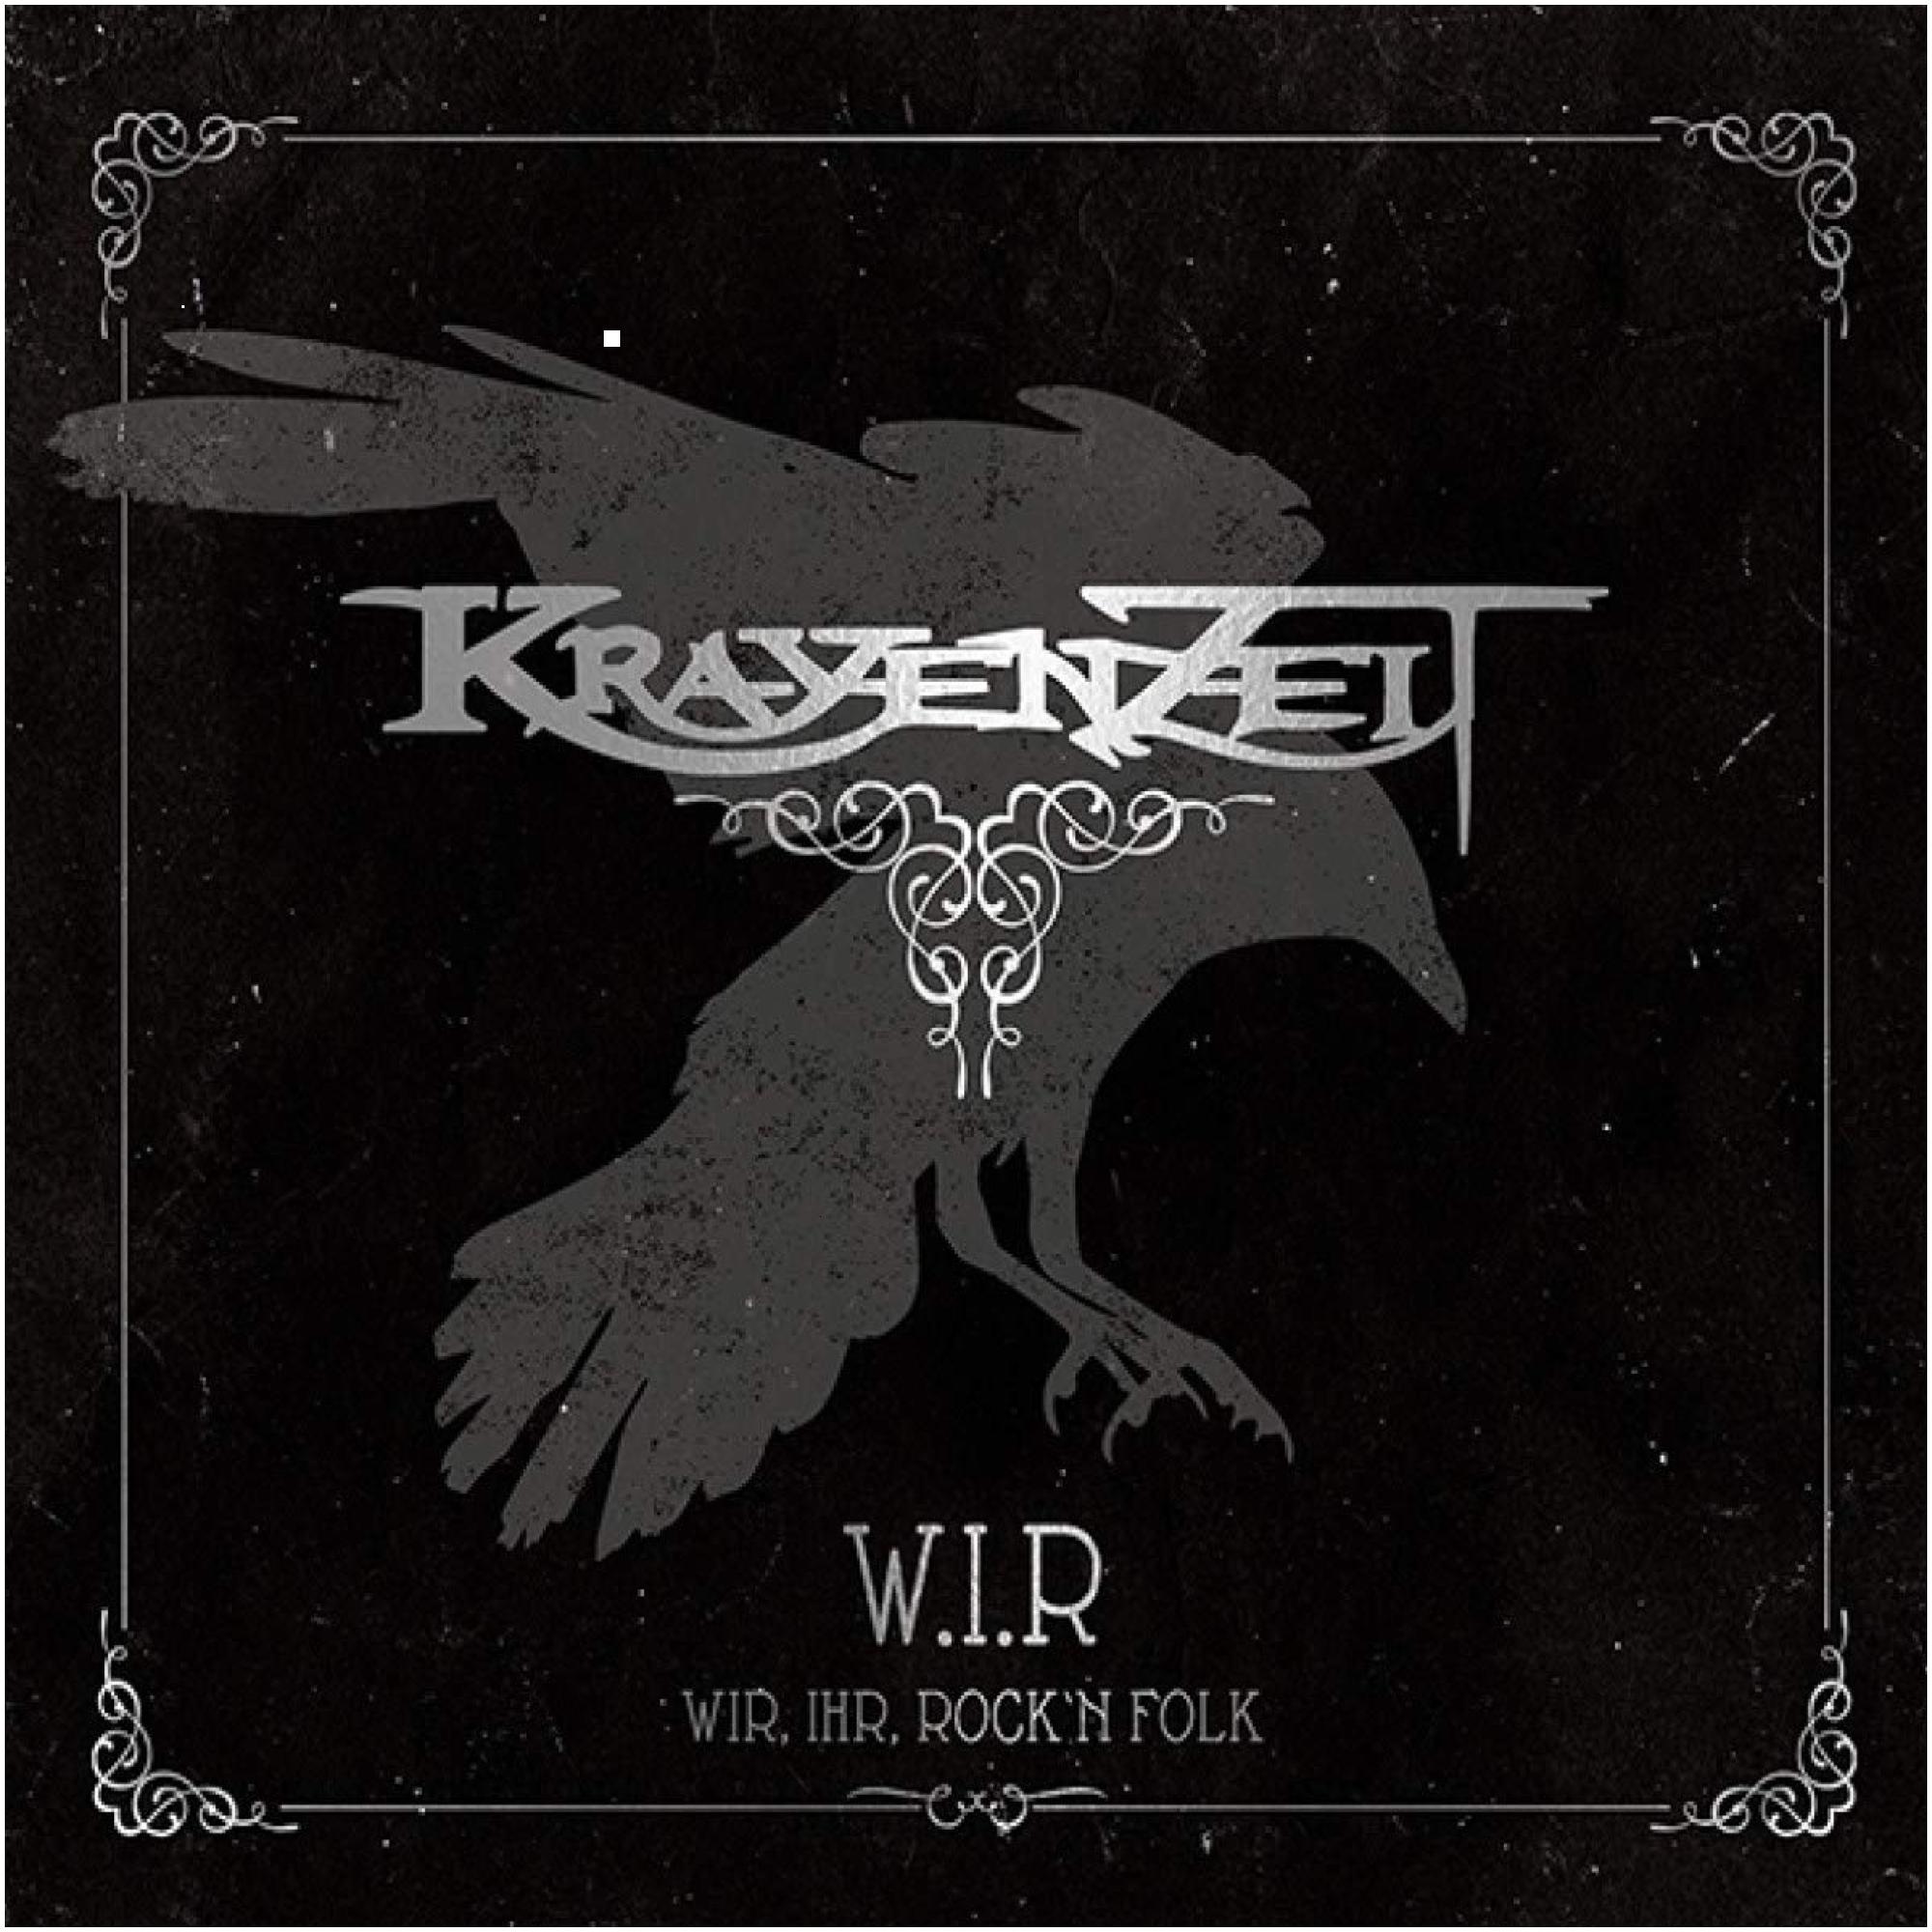 Krayenzeit - W.I.R.